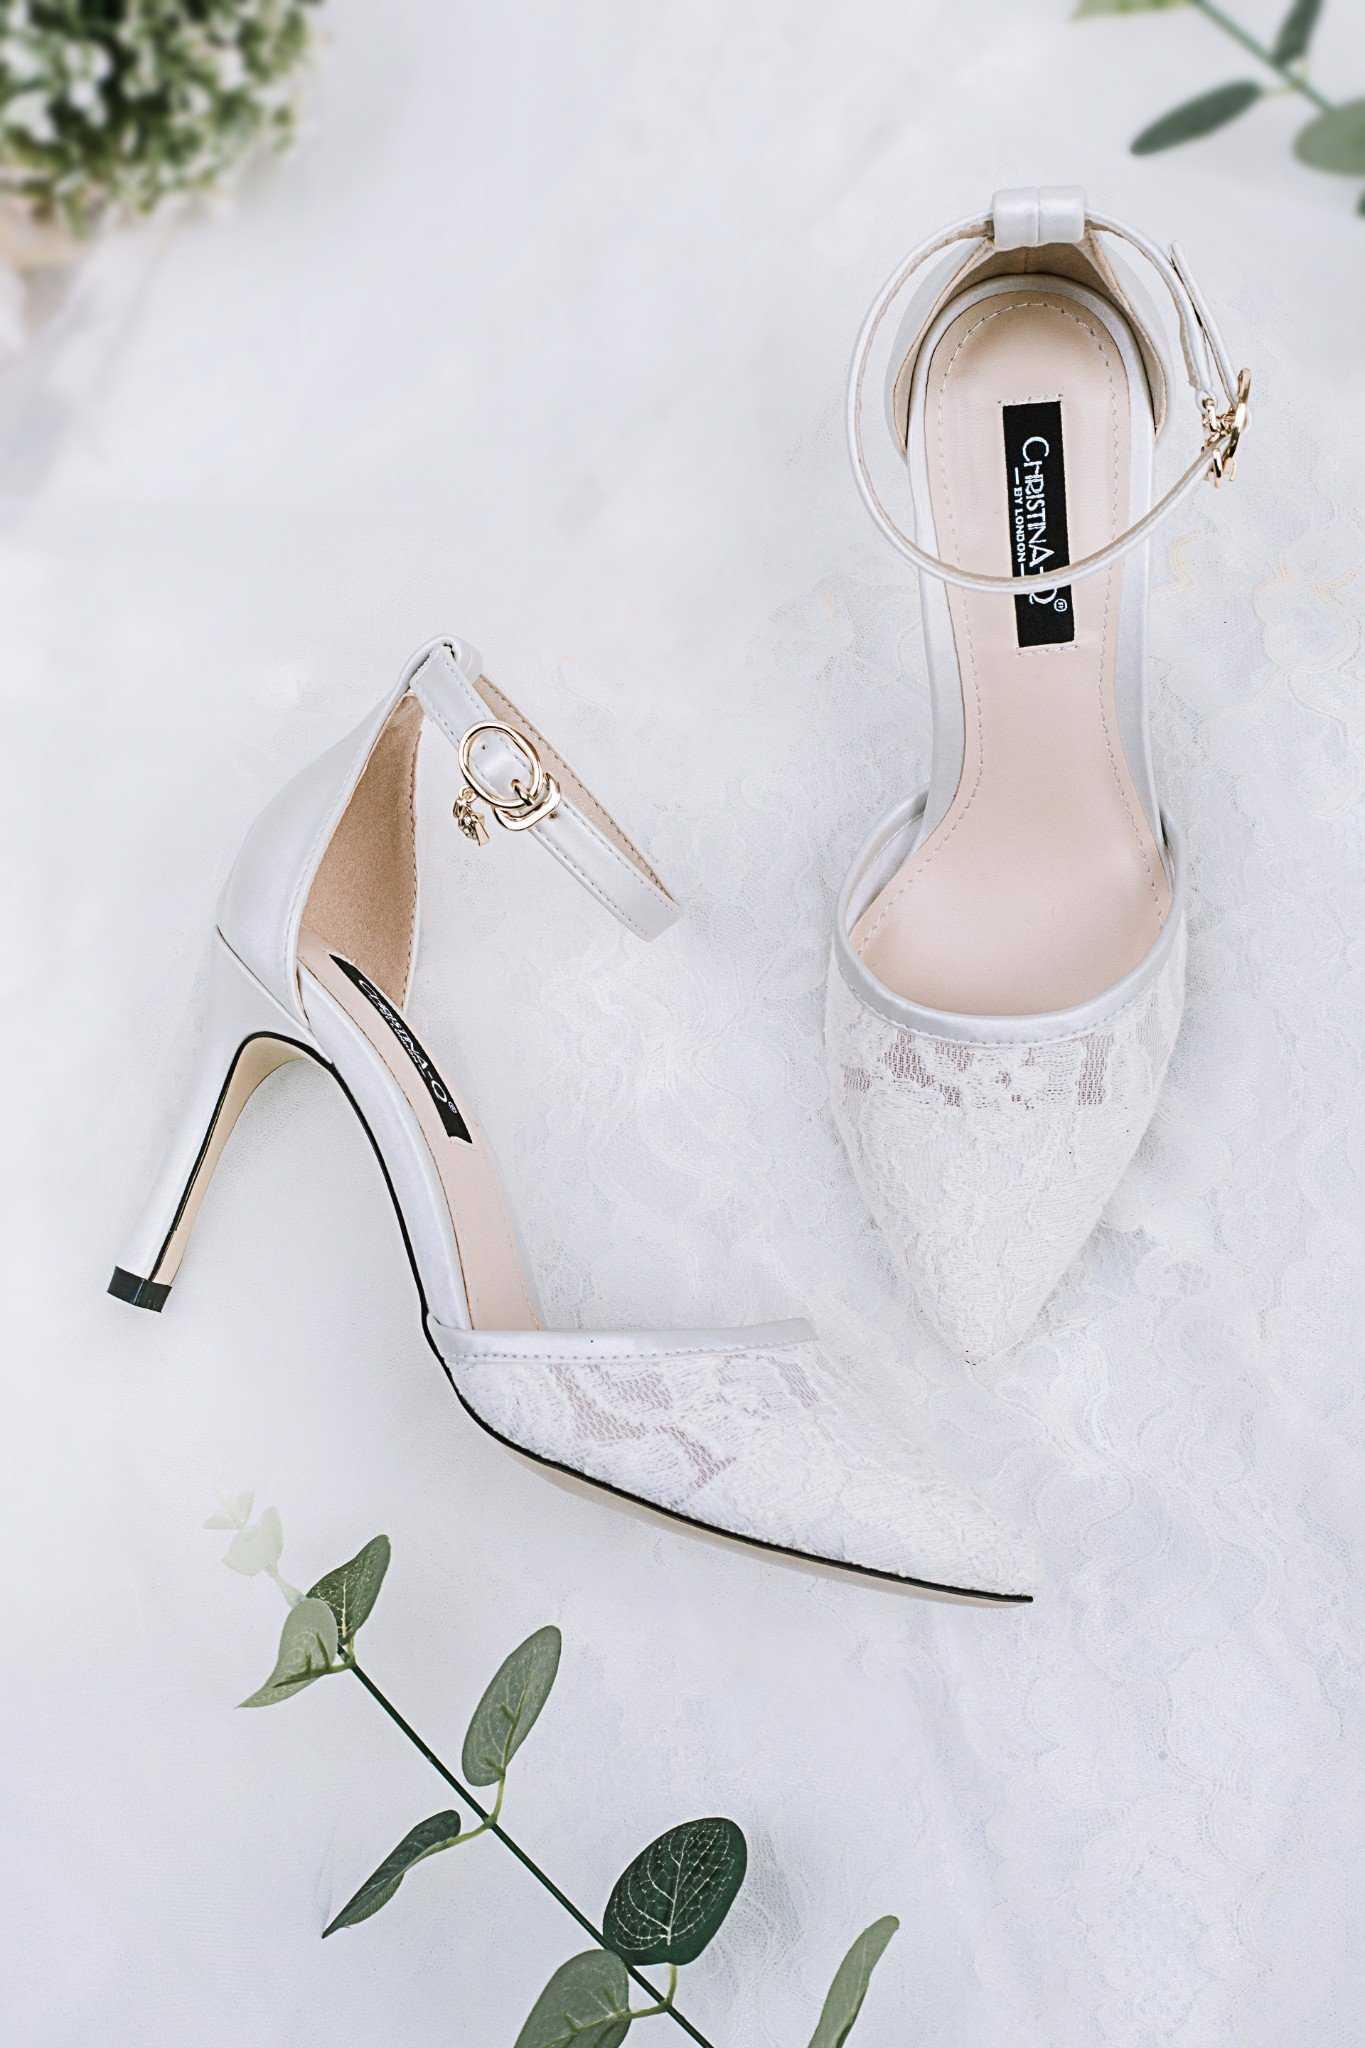 Giày cưới cho cô dâu - Top 99+ mẫu thiết kế đẹp lộng lẫy